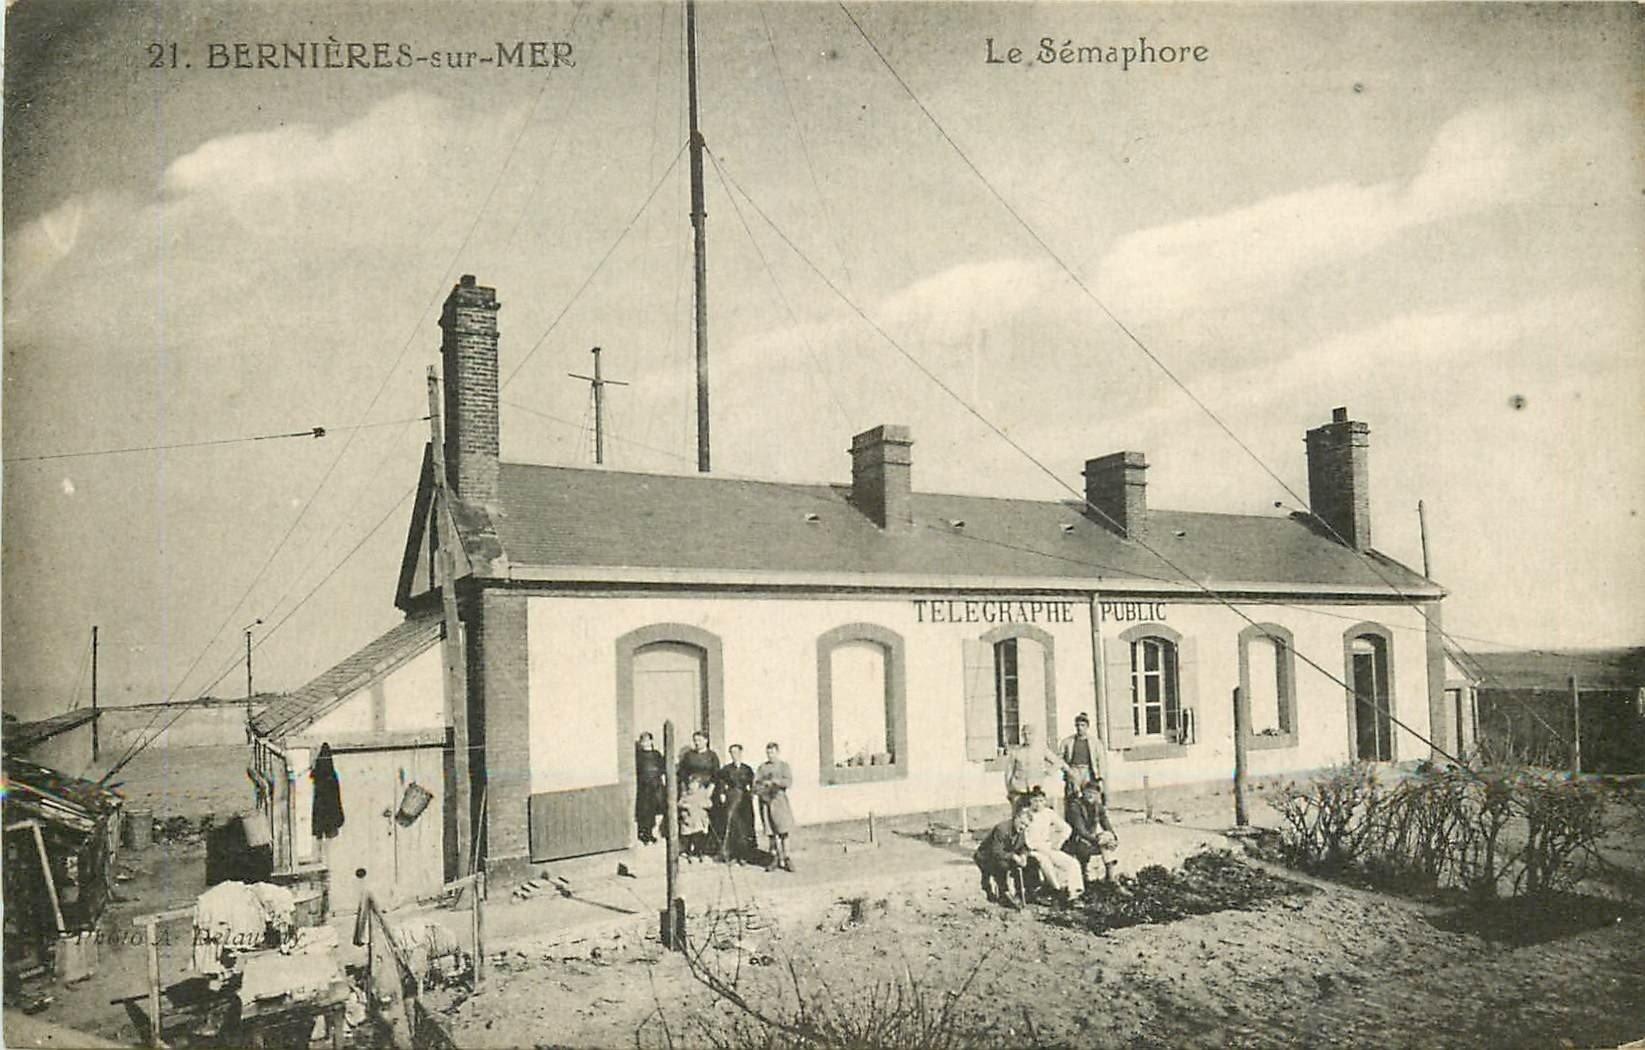 14 BERNIERES-SUR-MER. Le Sémaphore avec animation devant le Télégraphe Public 1931